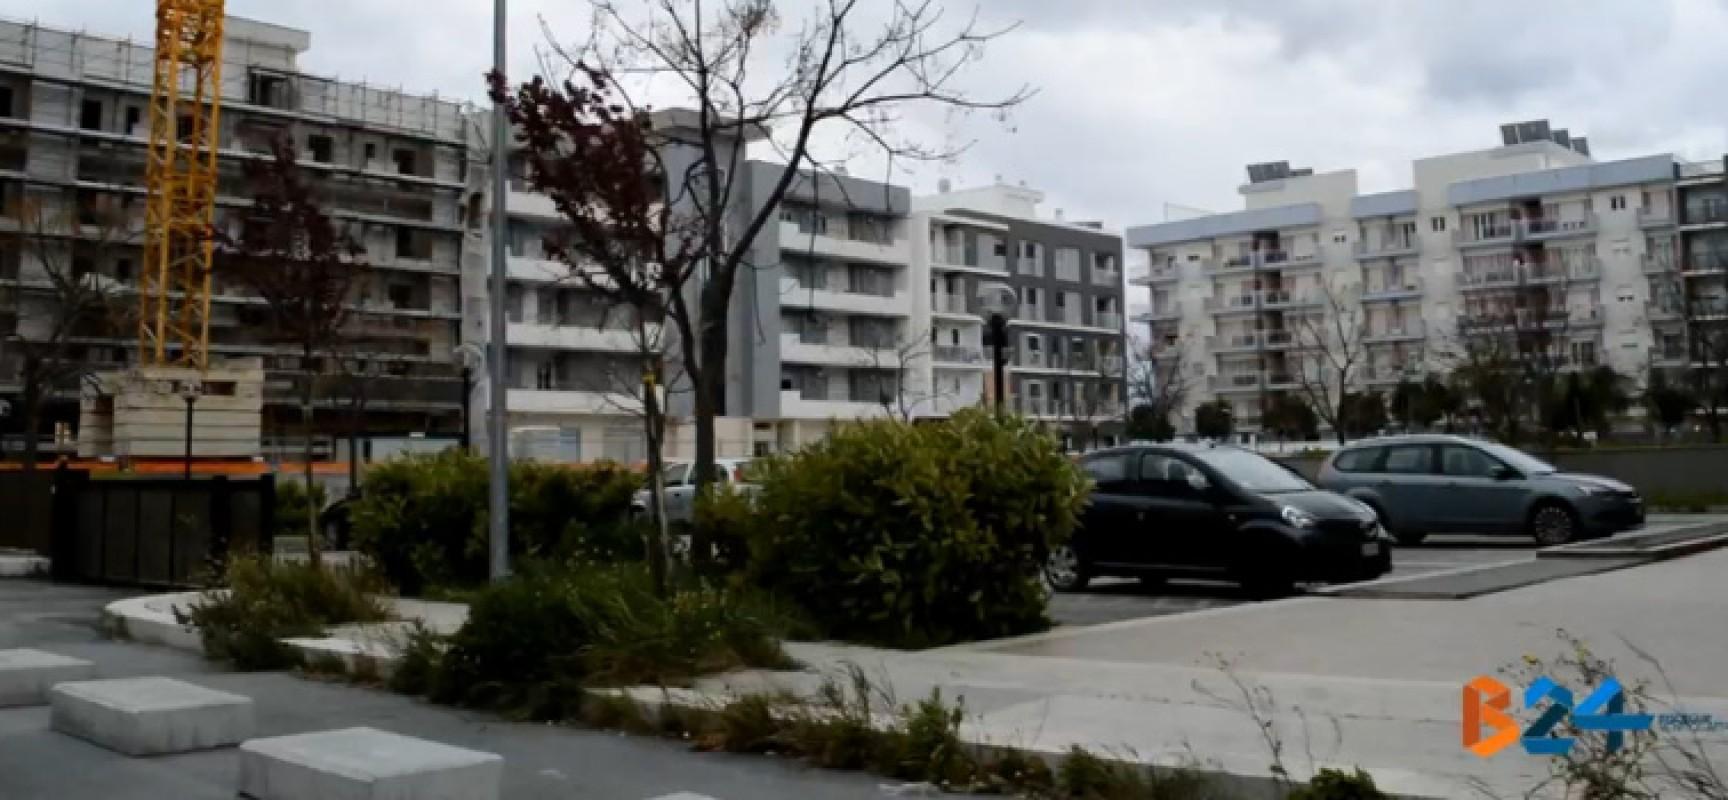 """Nuova scuola in zona 167, """"Imminente l'apertura del cantiere, sarà intitolata a Sandro Pertini"""""""